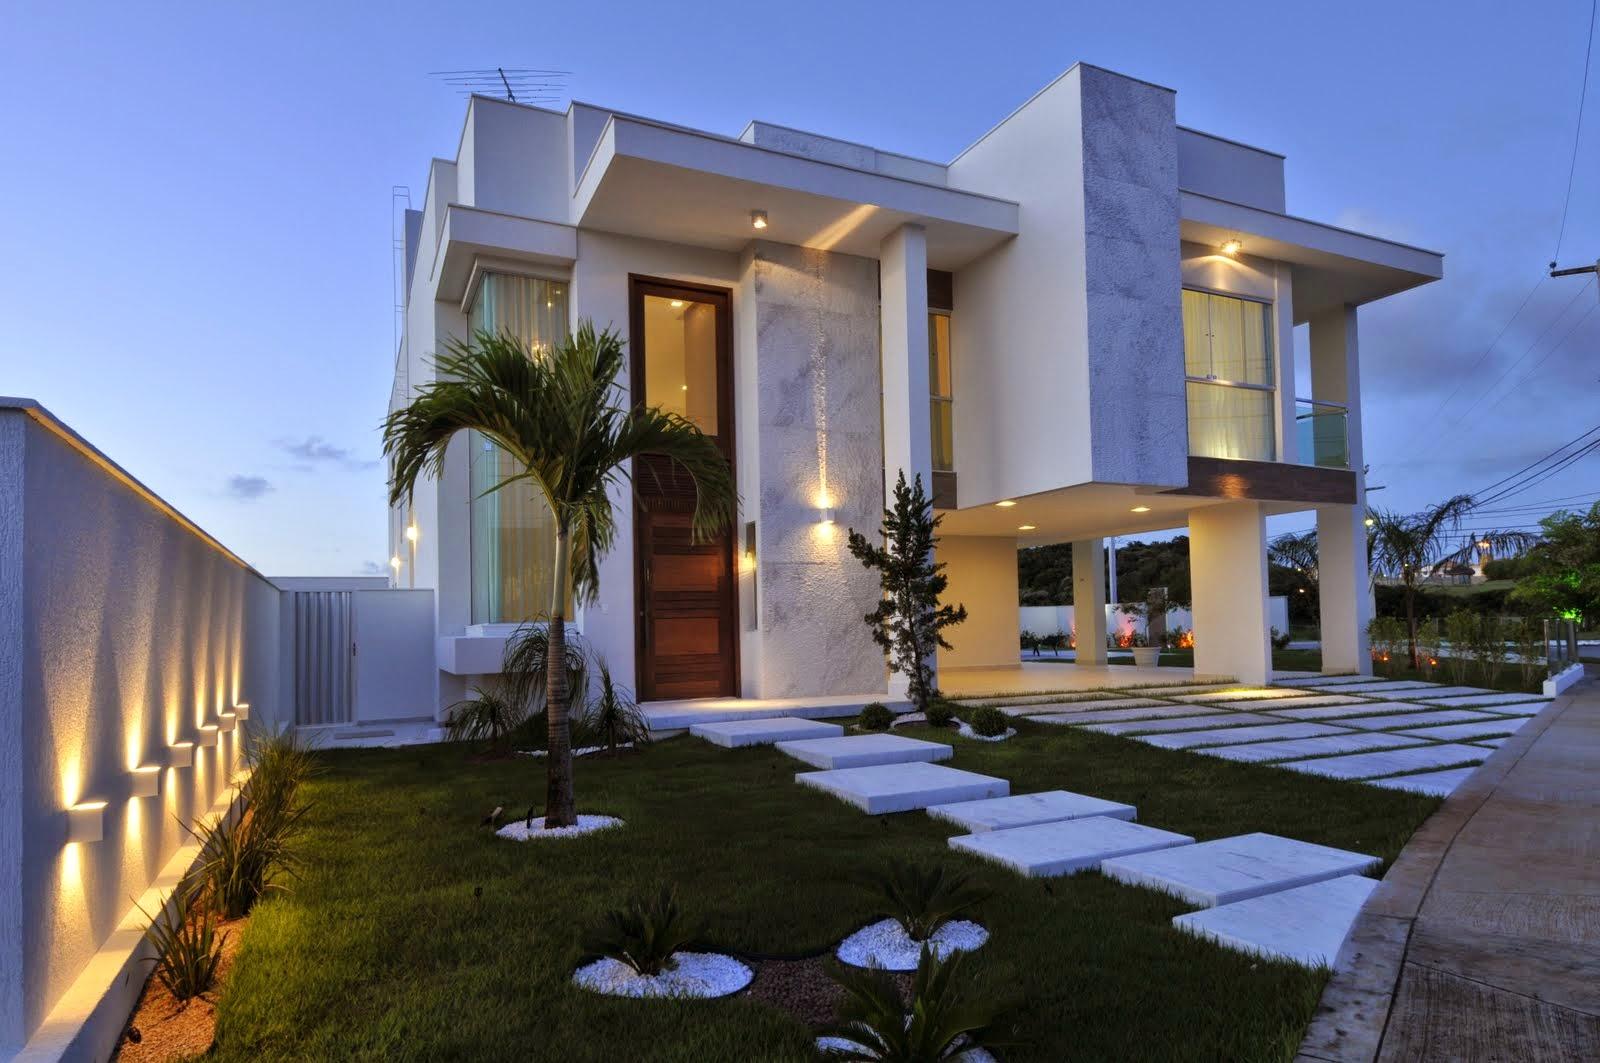 Construindo minha casa clean fachadas de casas quadradas for Modelos de fachadas de casas